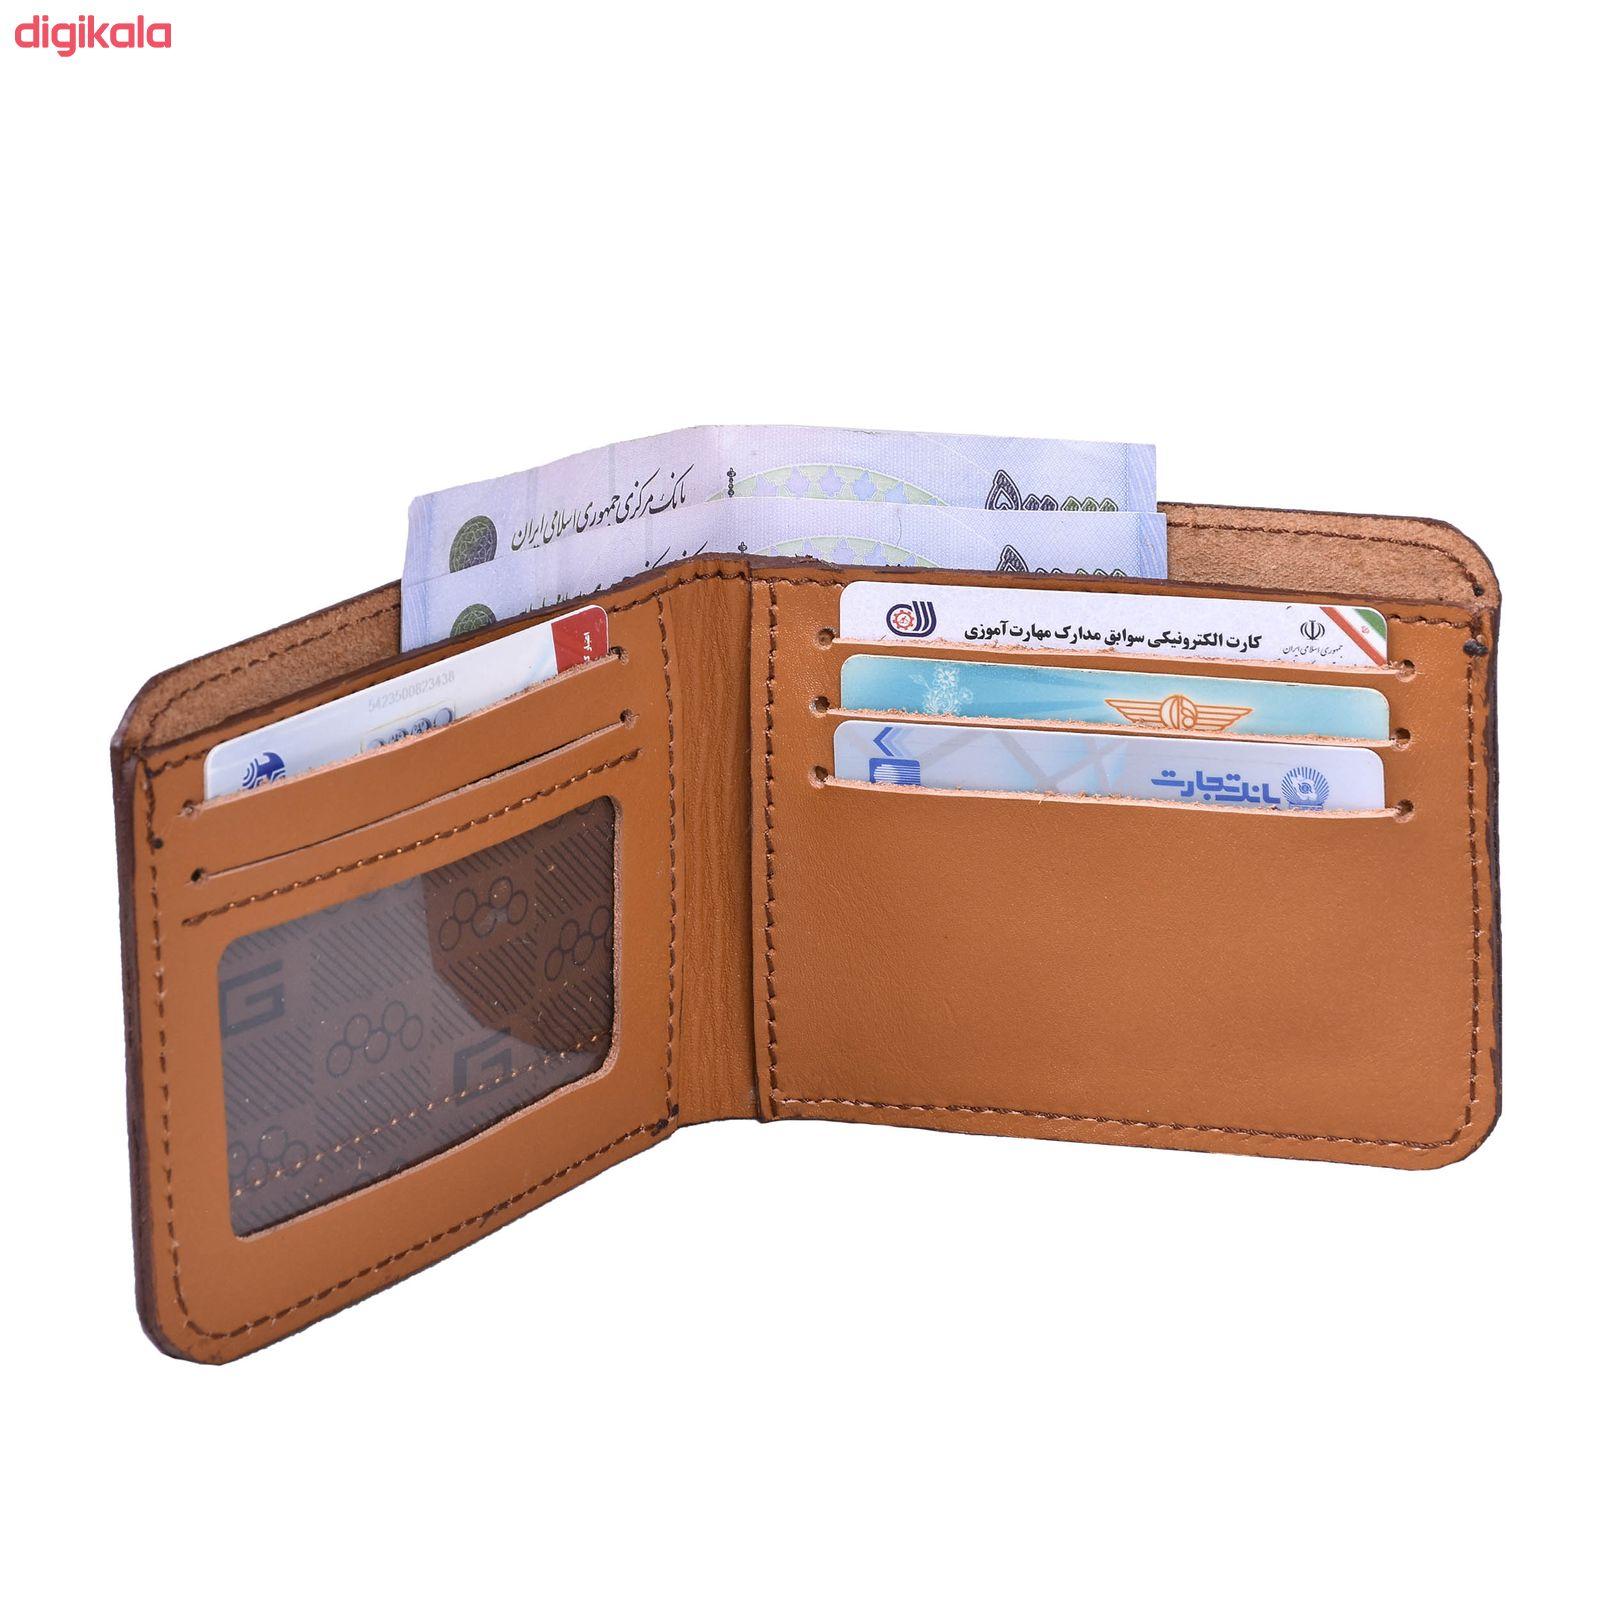 کیف پول مردانه مدل JIBI122 main 1 1